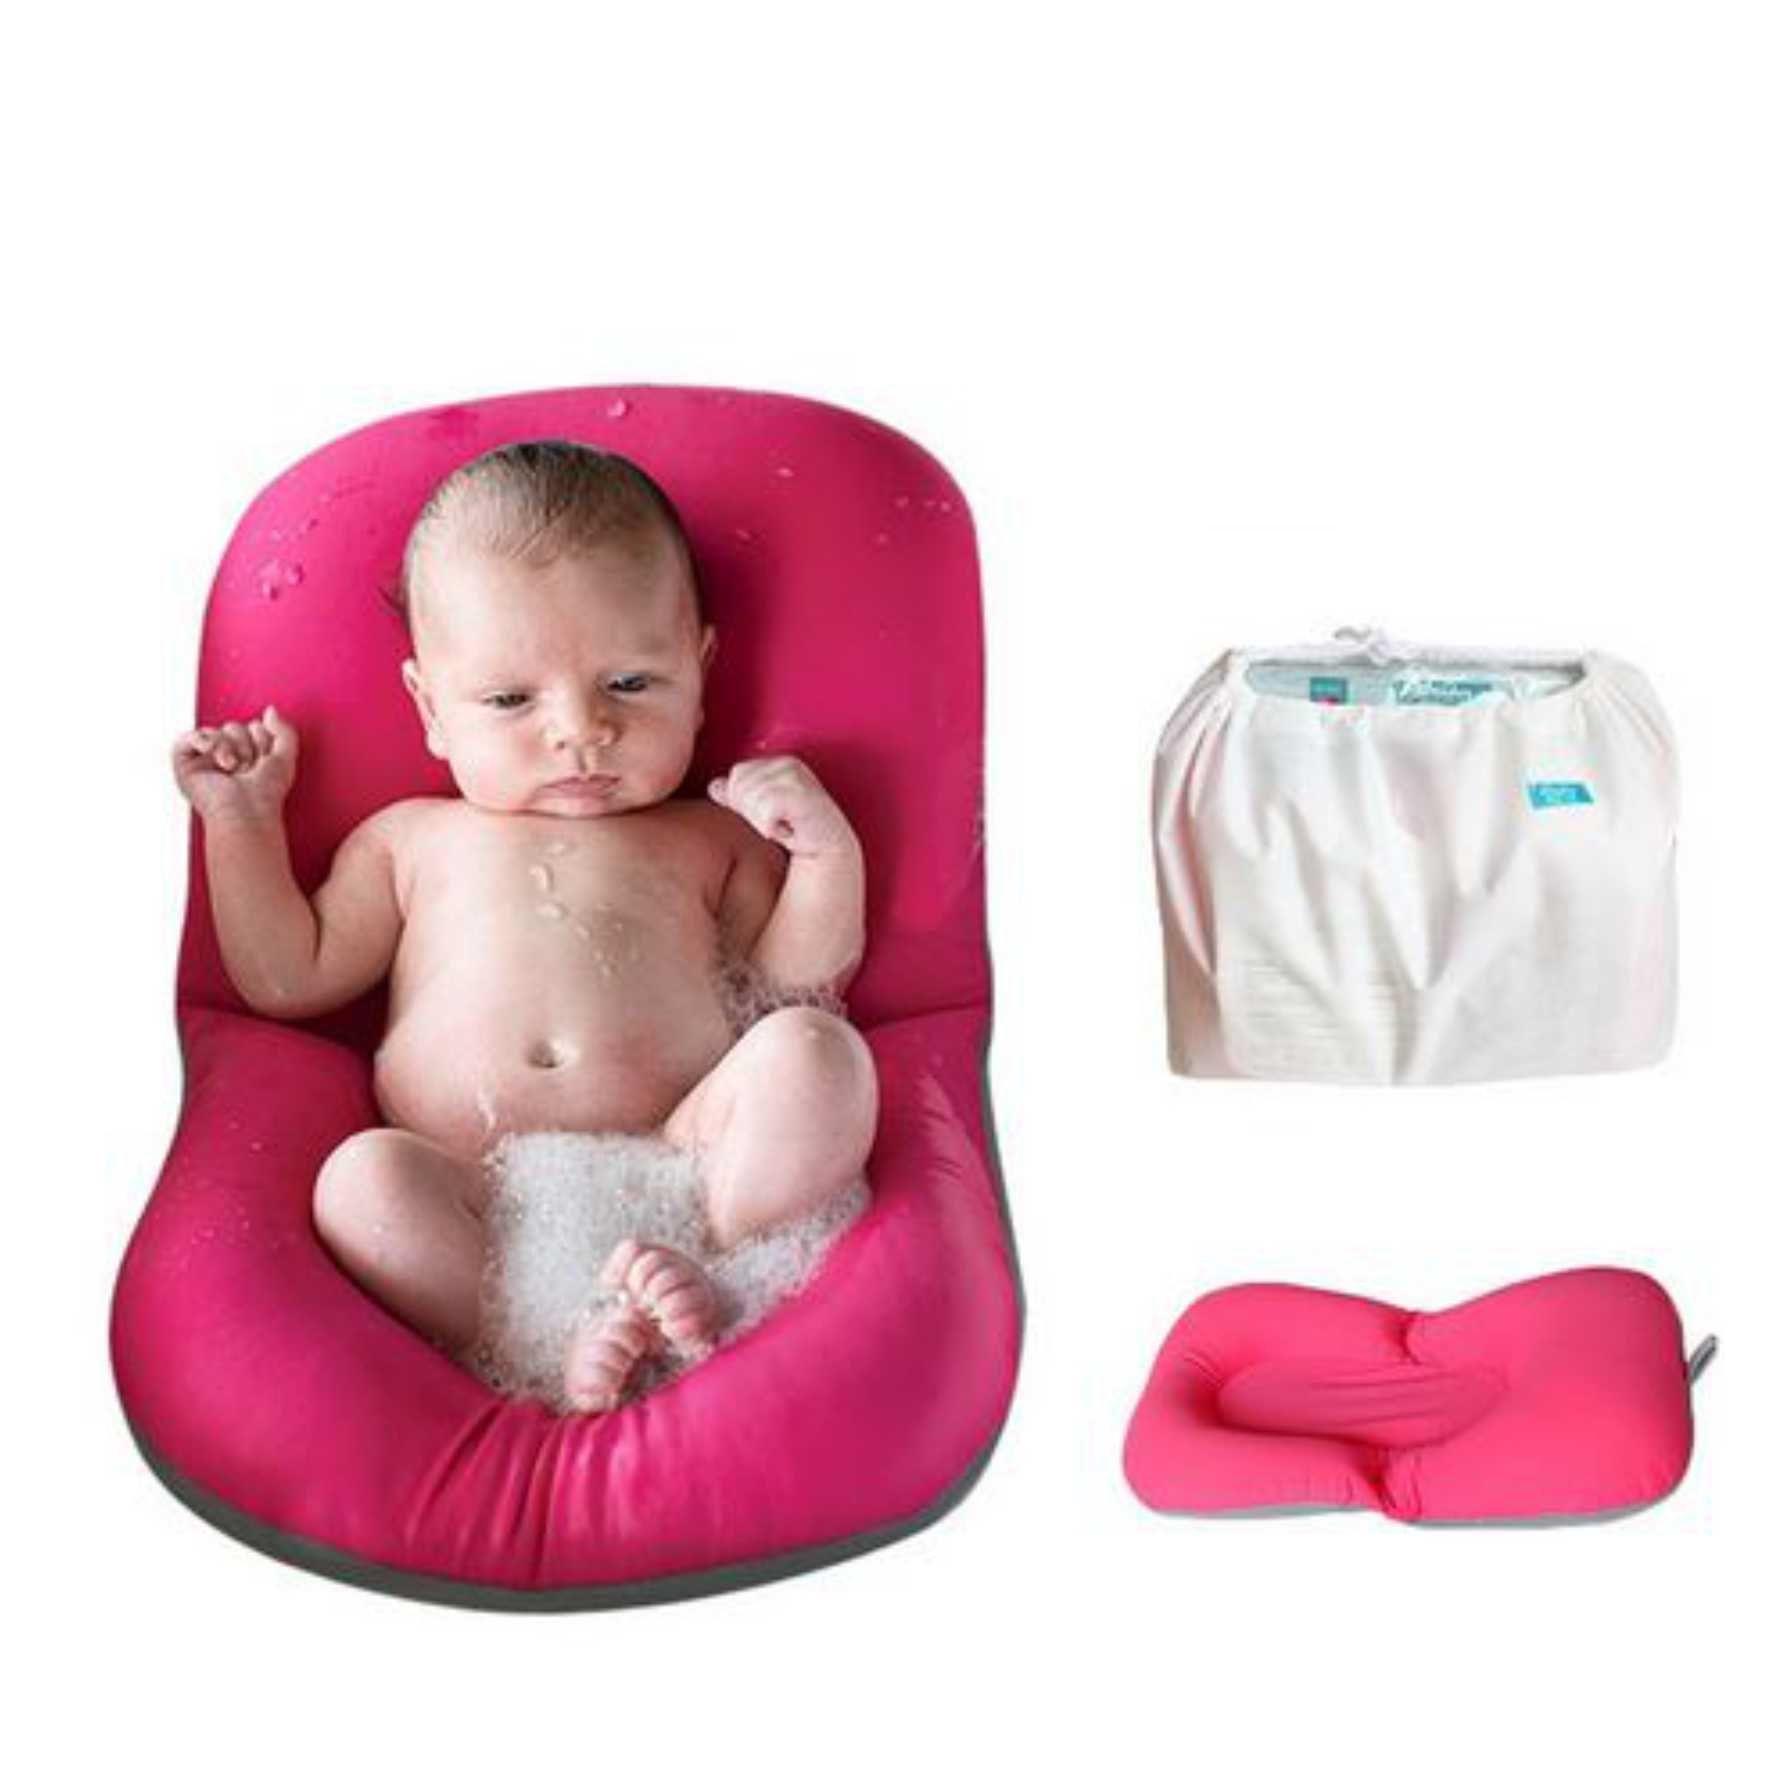 Almofada para banho do bebê rosa